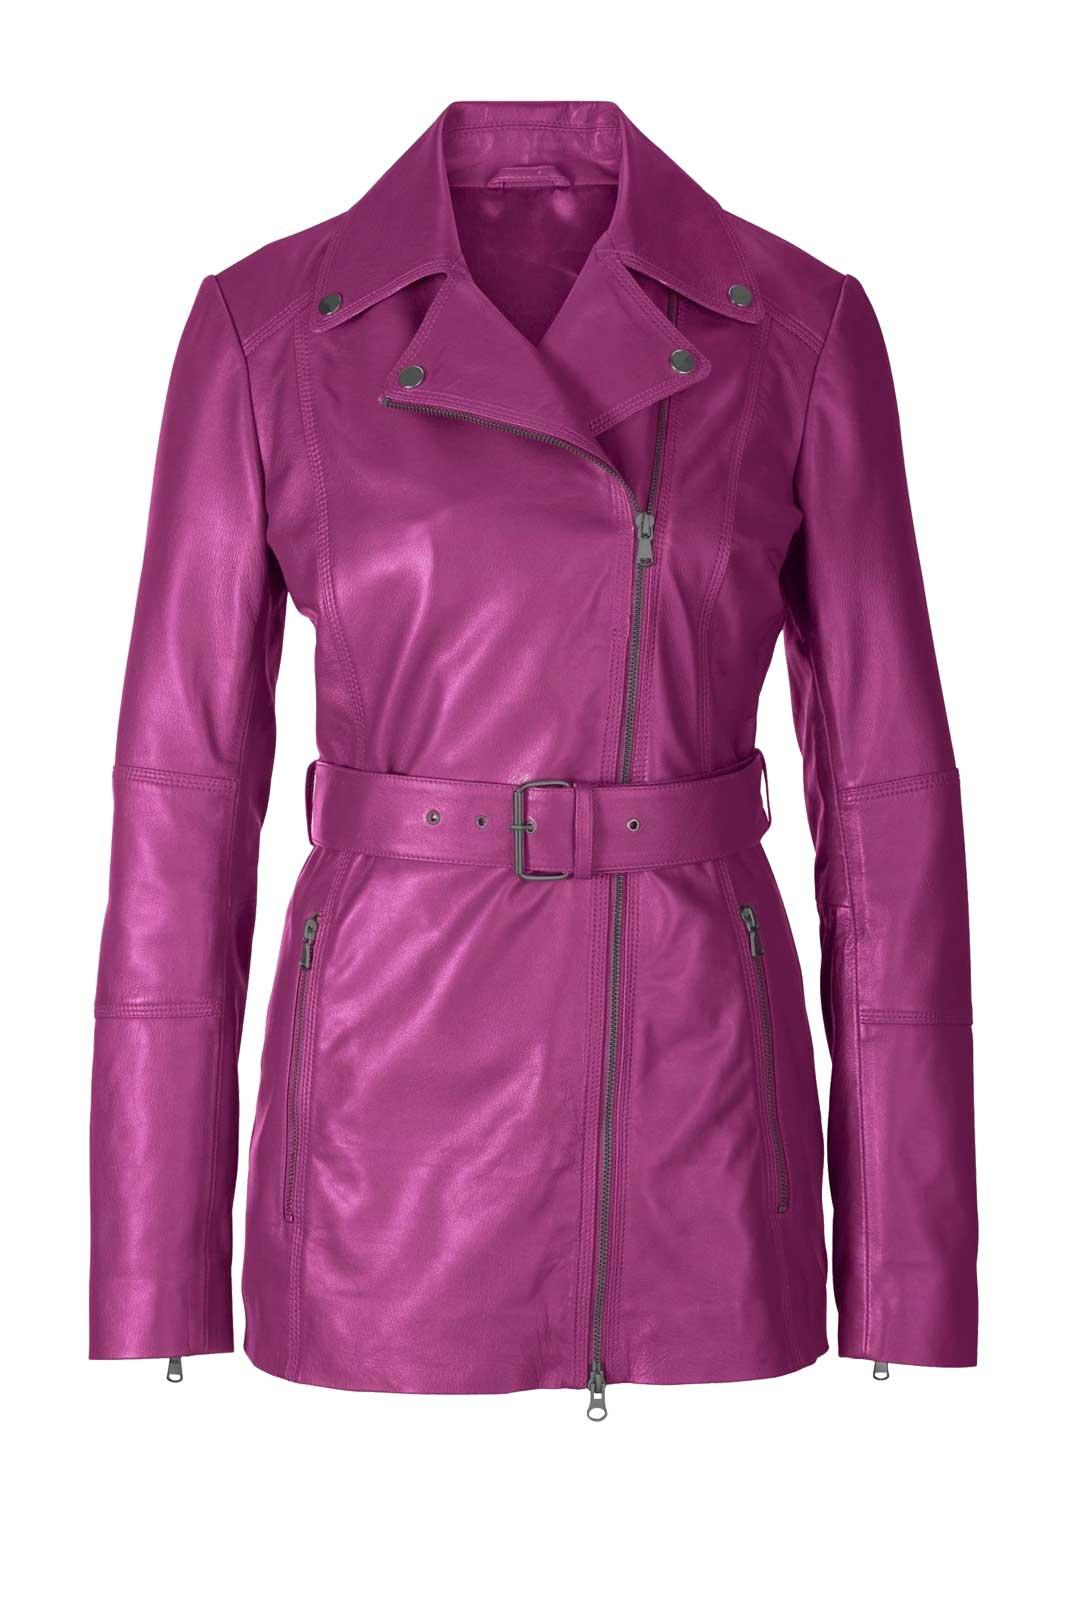 jacken auf rechnung bestellen als neukunde HEINE Damen Designer-Lammnappa-Lederjacke Echtlederjacke Gürtel Pink 644.462 MISSFORTY